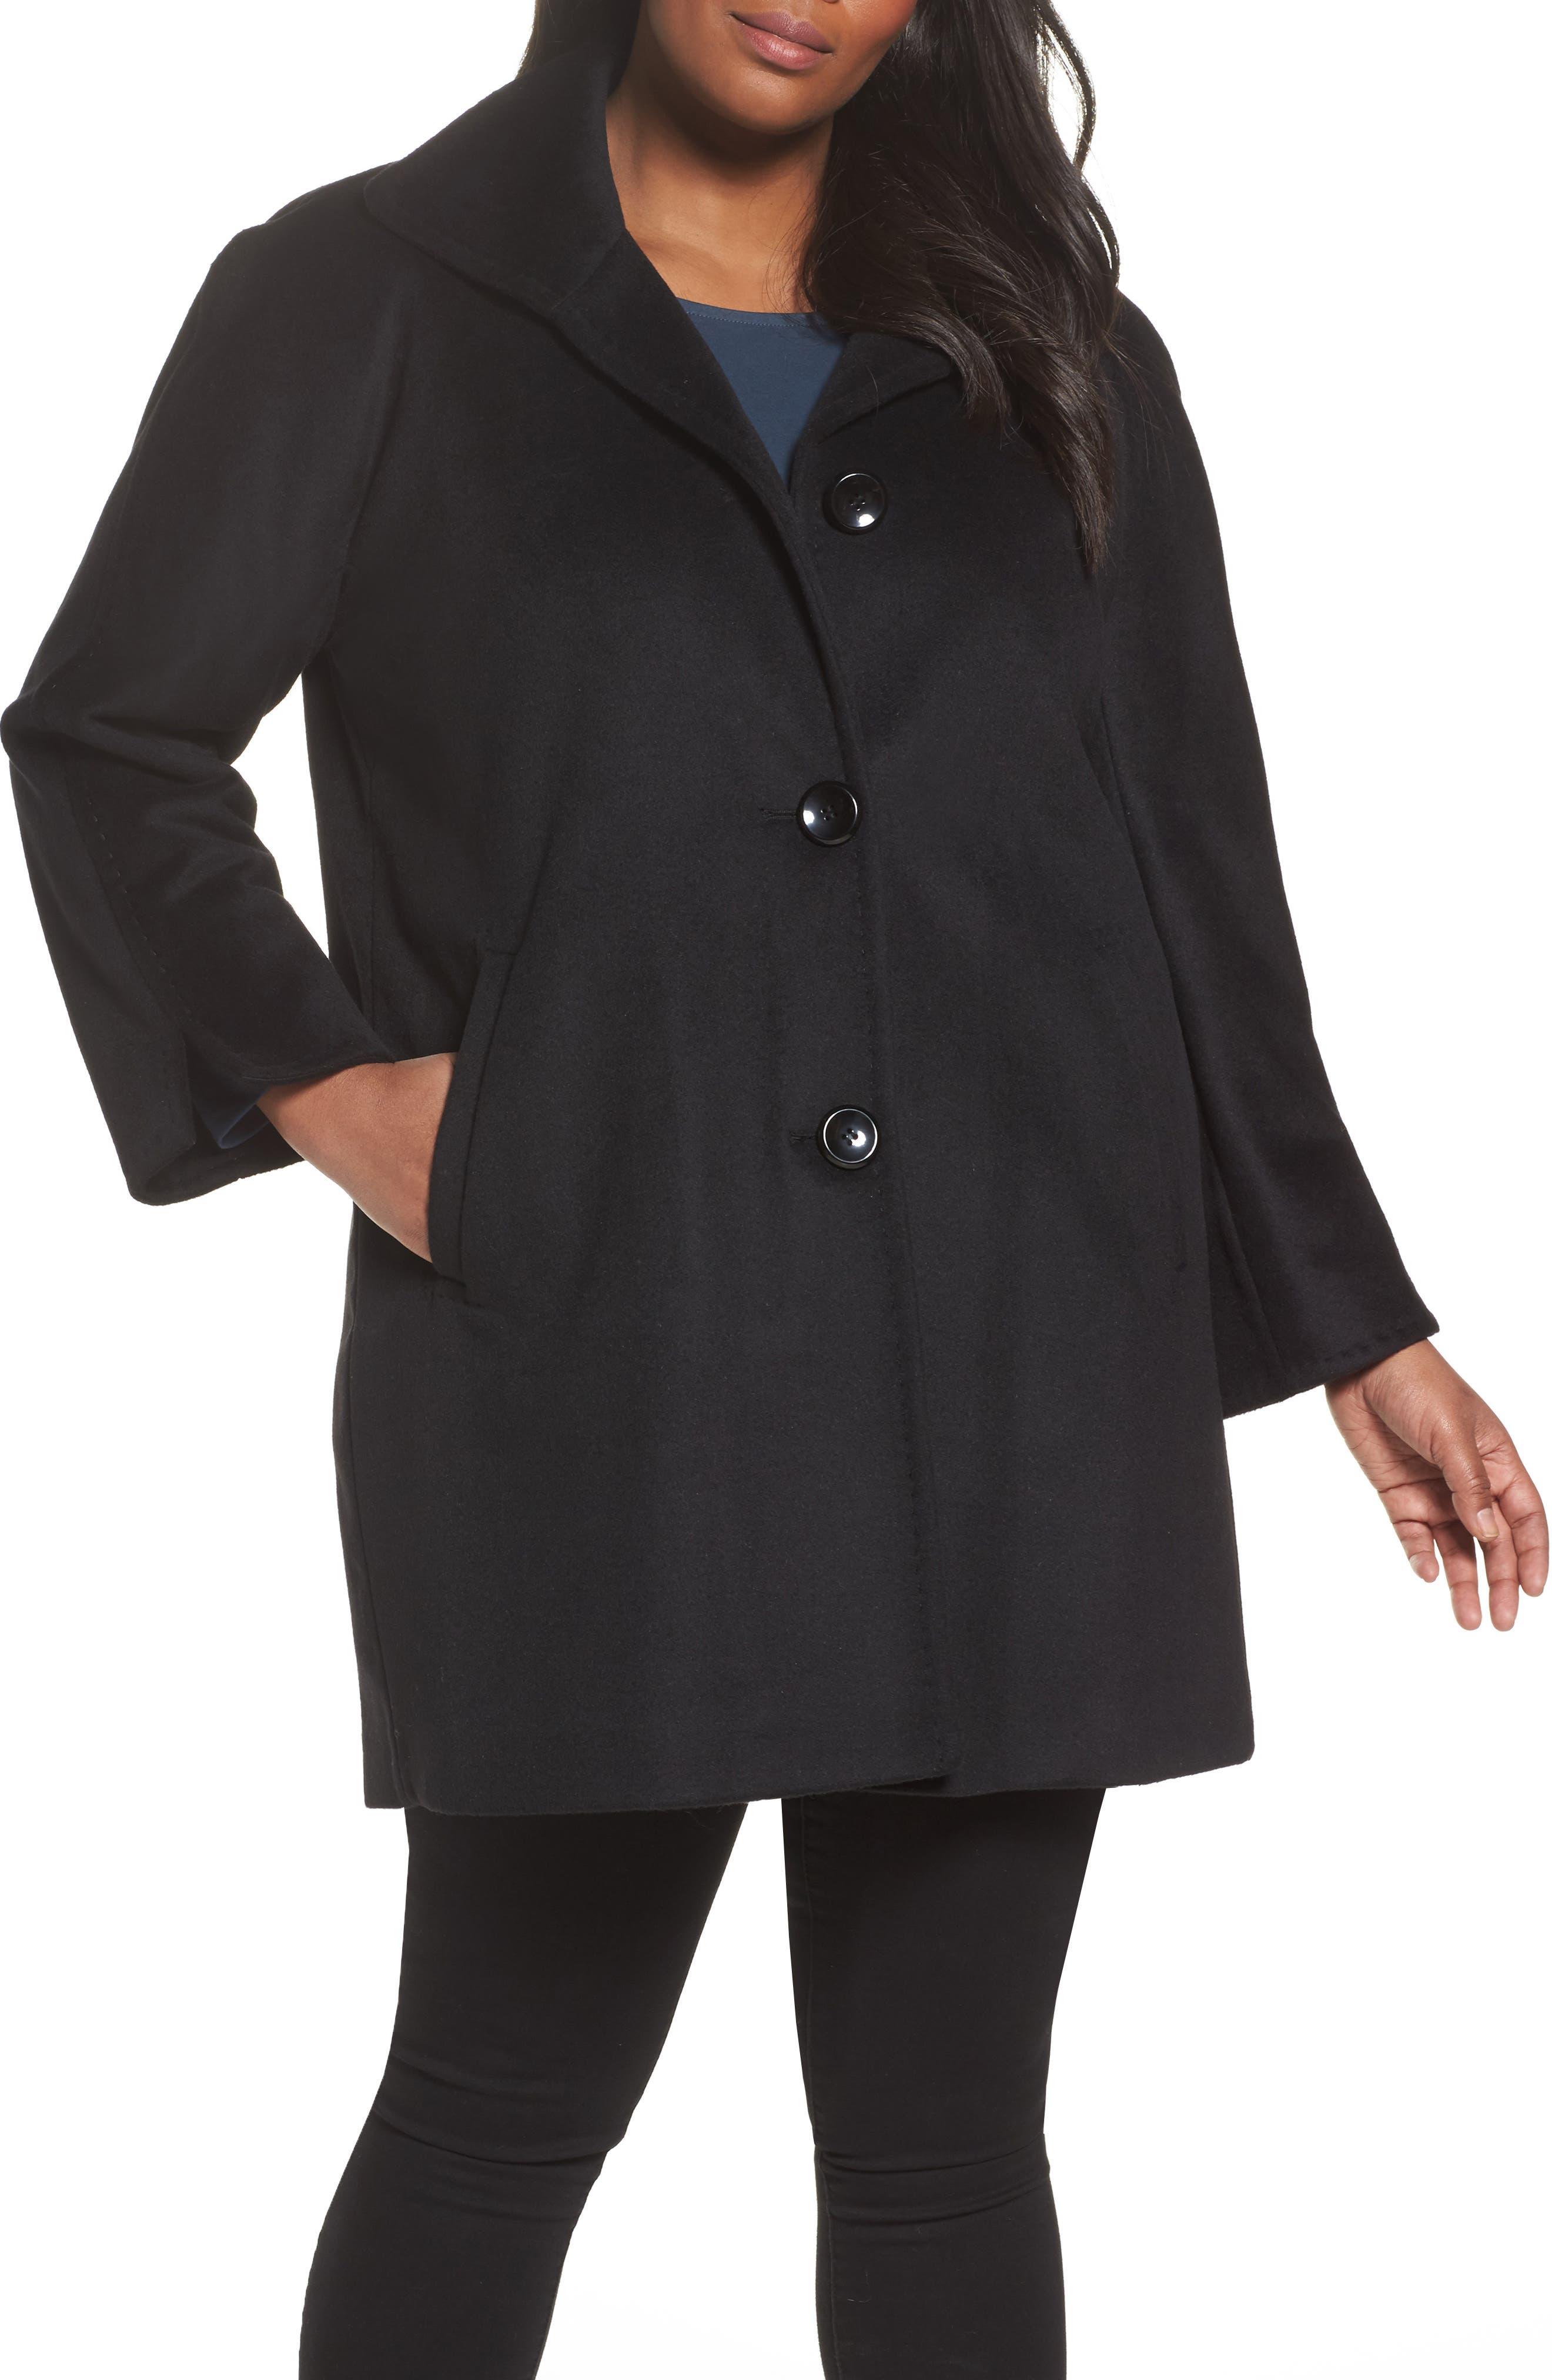 Kimono Wool Blend Coat,                             Main thumbnail 1, color,                             Black